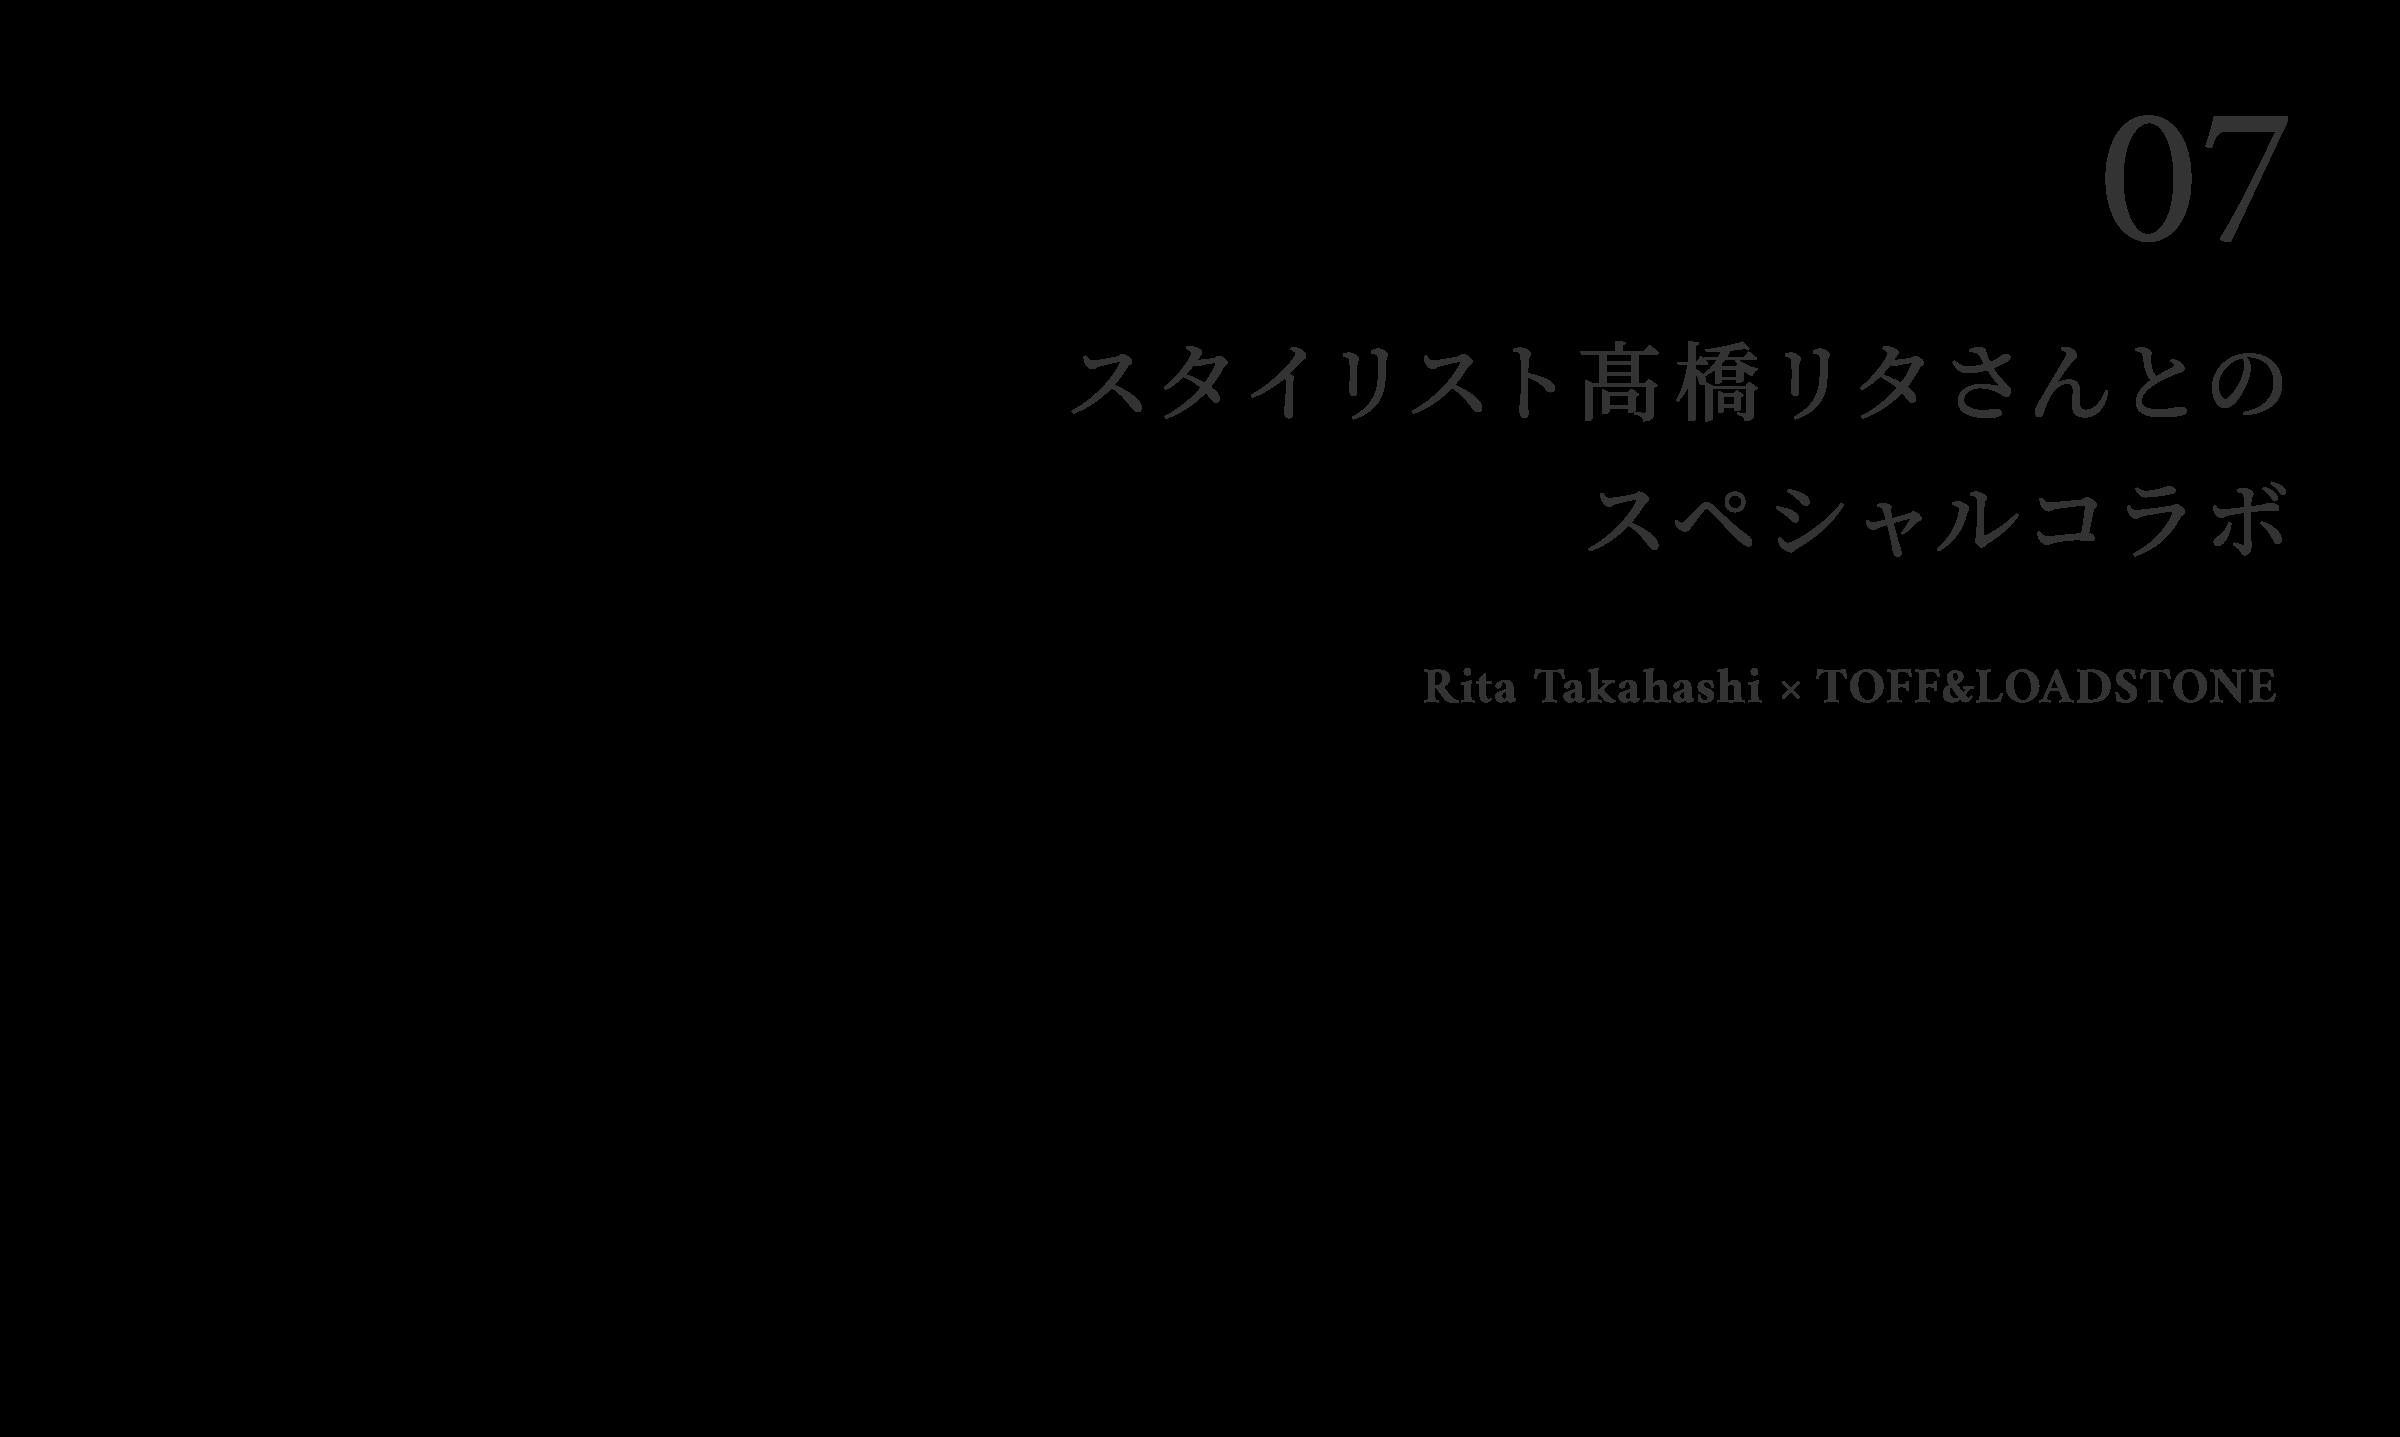 07 スタイリスト�橋リタさんとのコラボアイテム Rita Takahashi ×〈TOFF&LOADSTONE〉